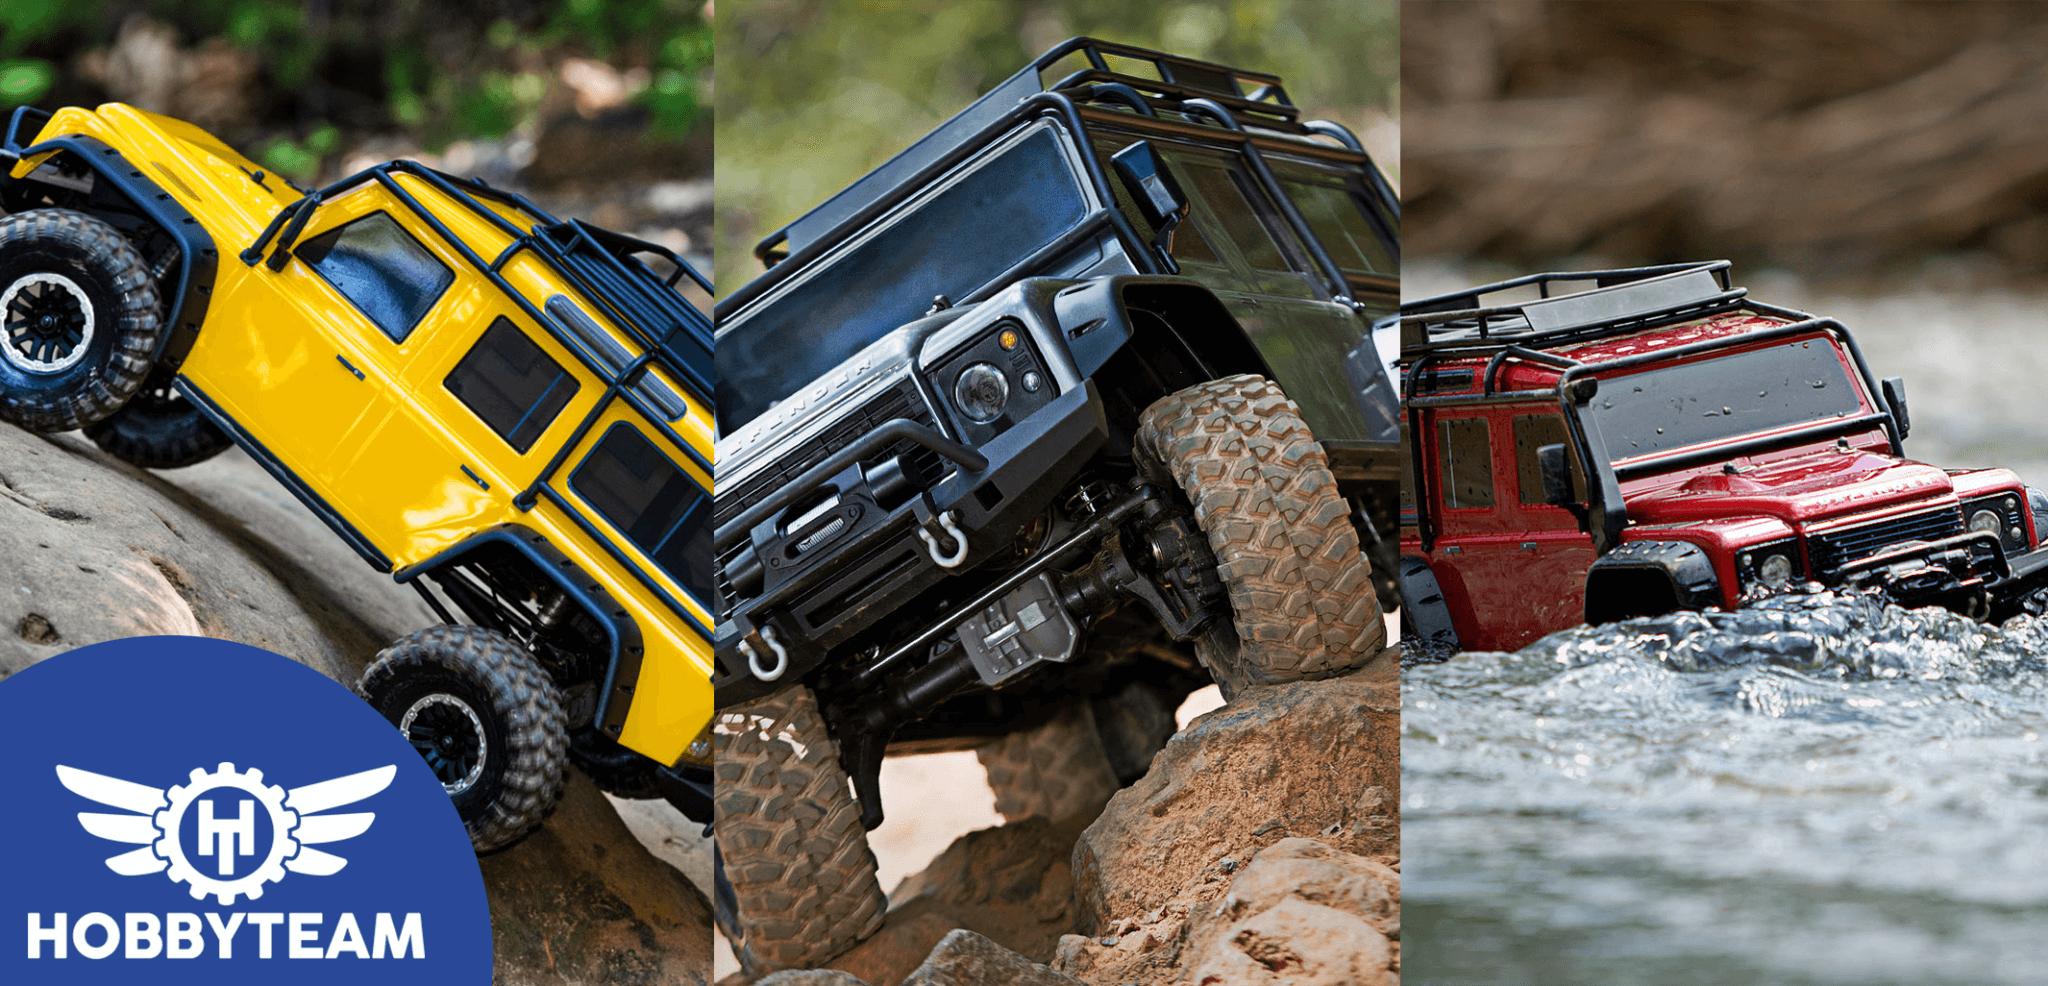 Descubre todas las ventajas del Traxxas TRX-4 Land Rover Defender